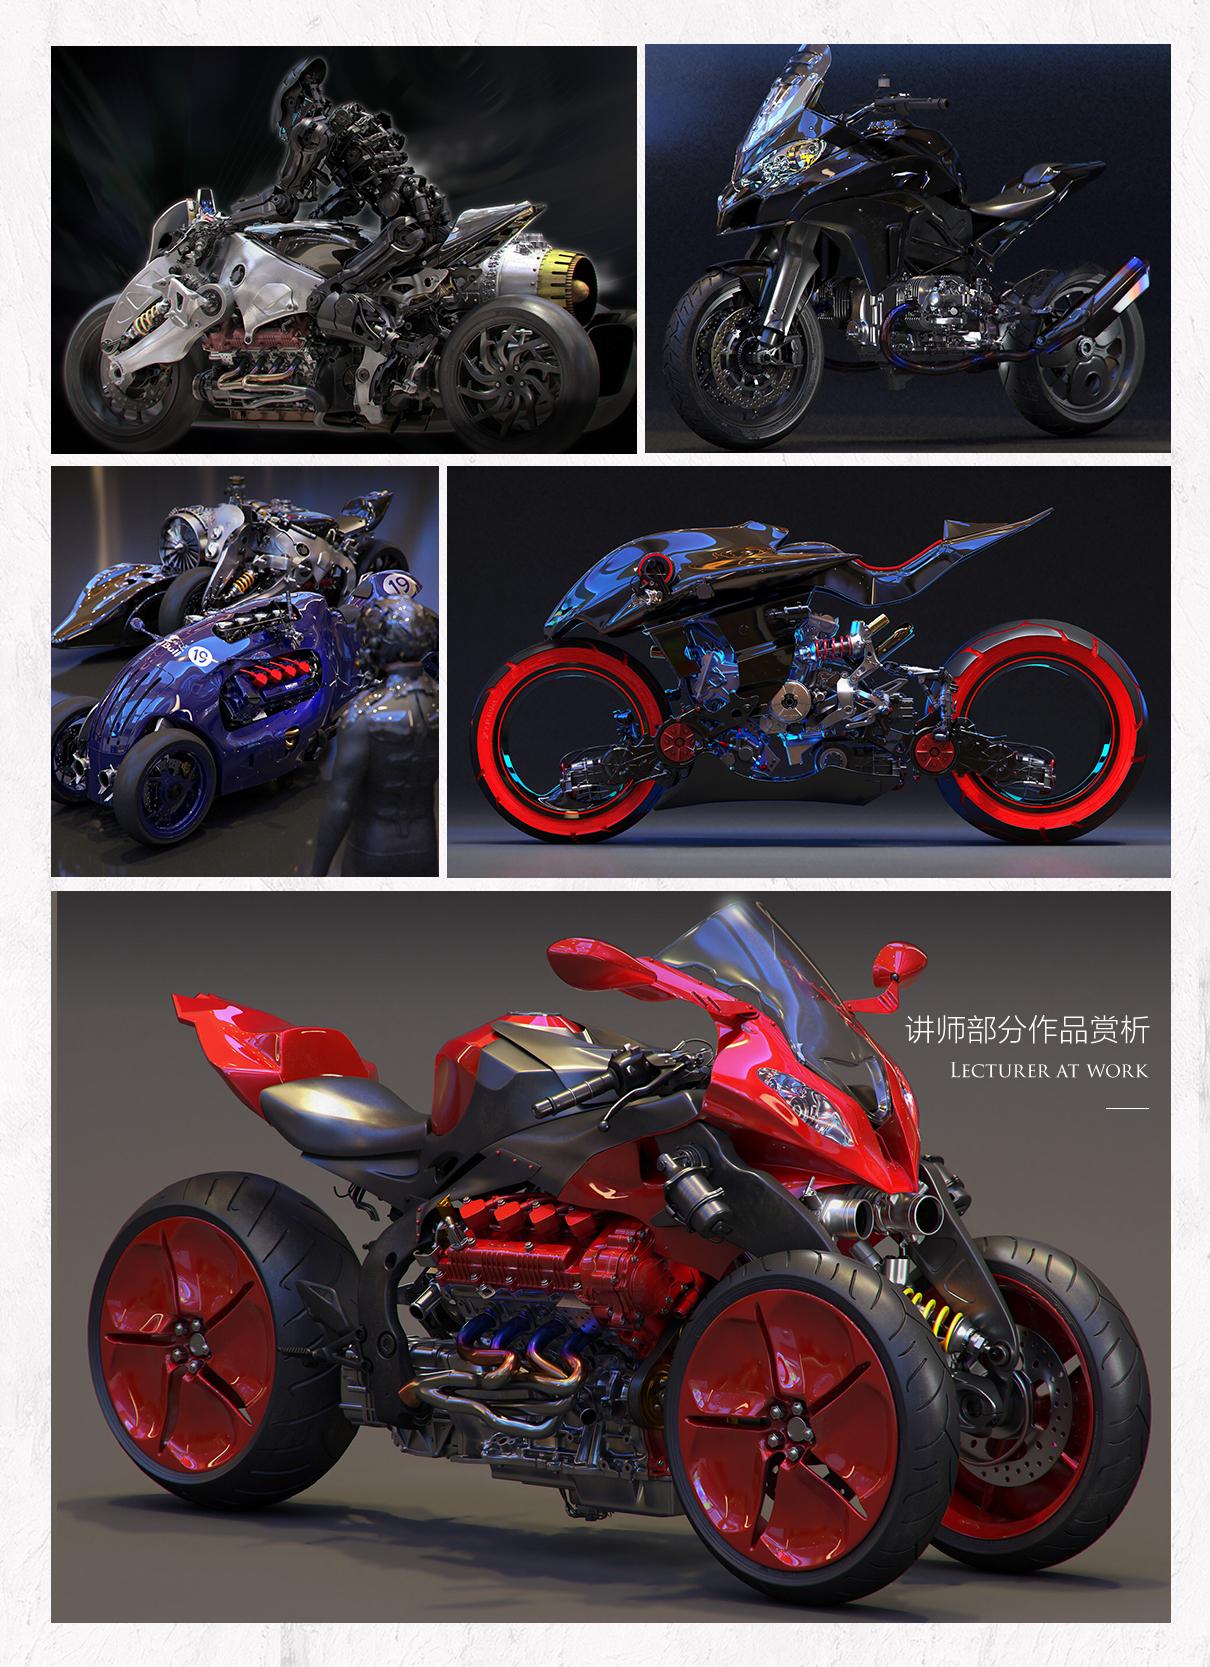 【要上线】《狐隆焰-金王》—赛博朋克2077科幻游戏角色制作【翼狐IP角色】简介